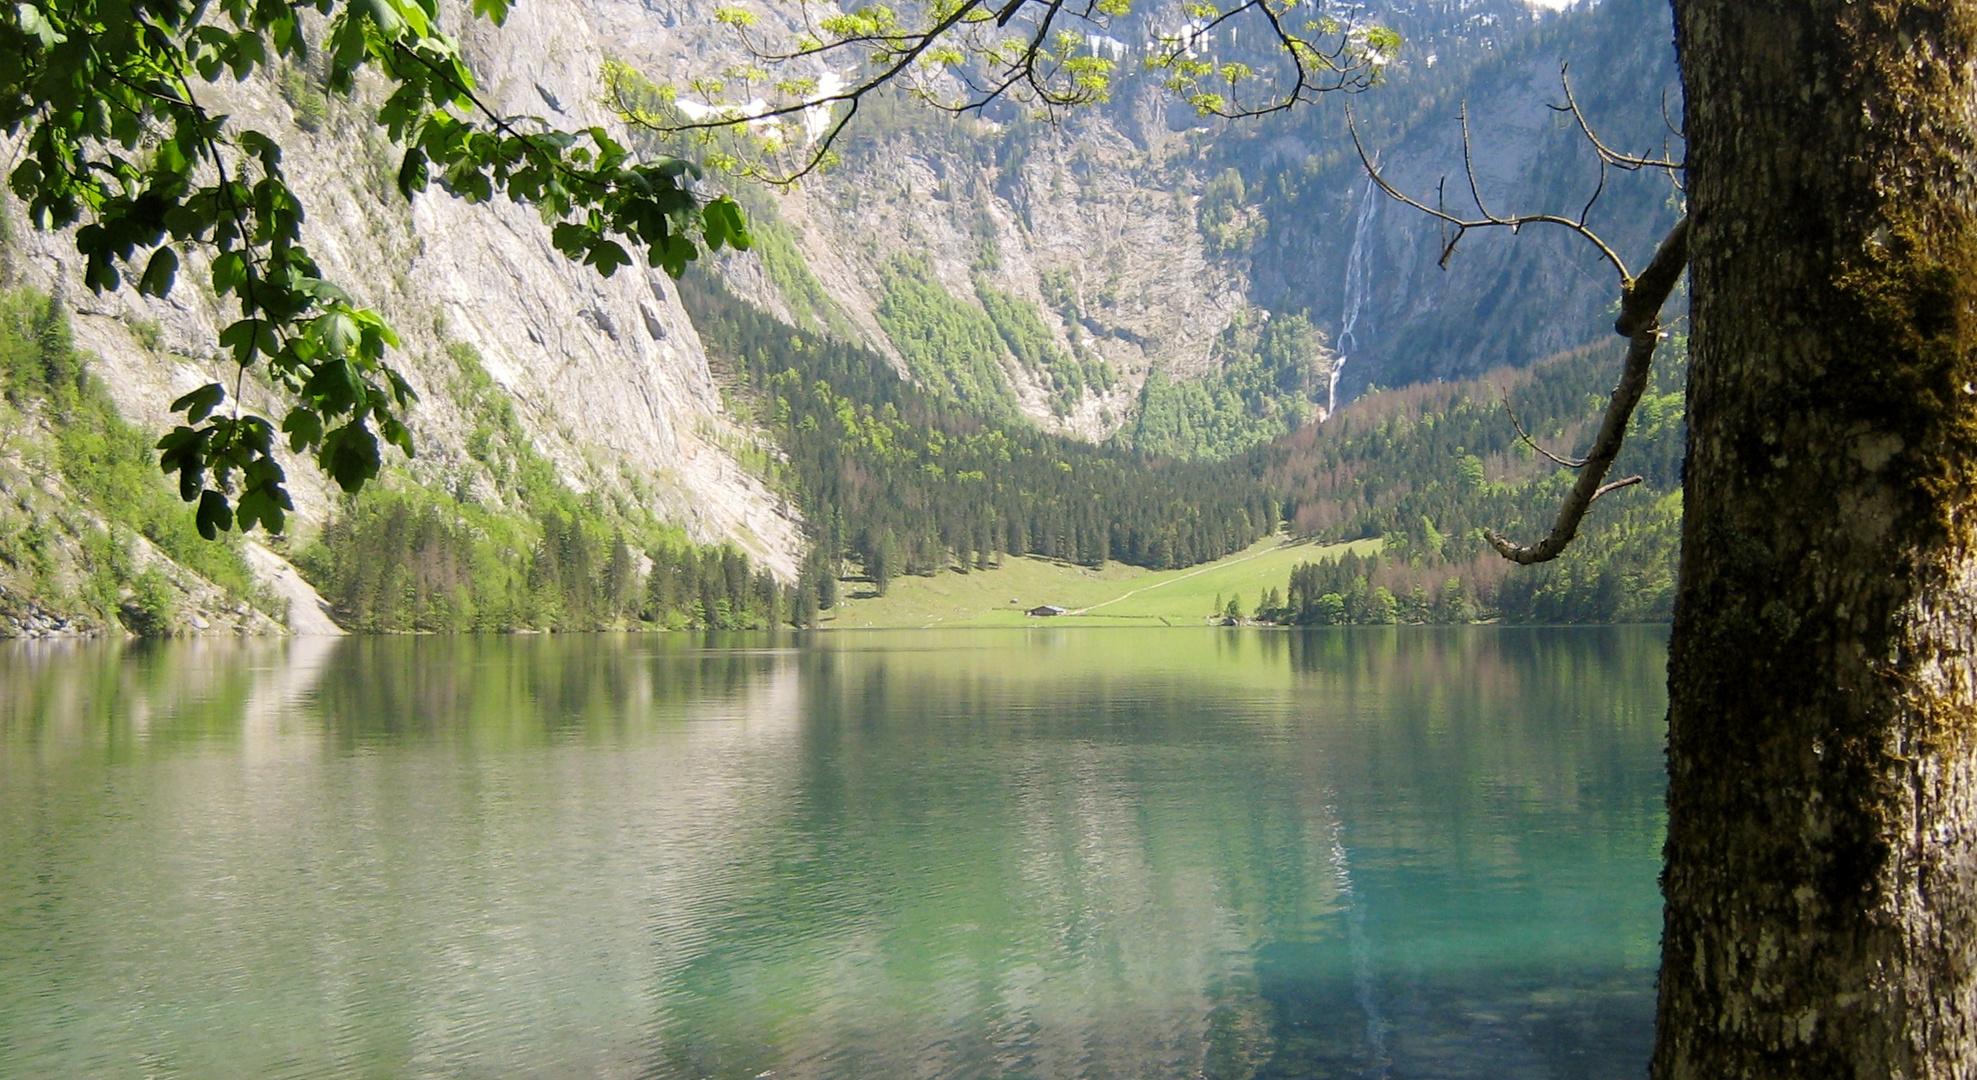 am Obersee, Berchtesgaden